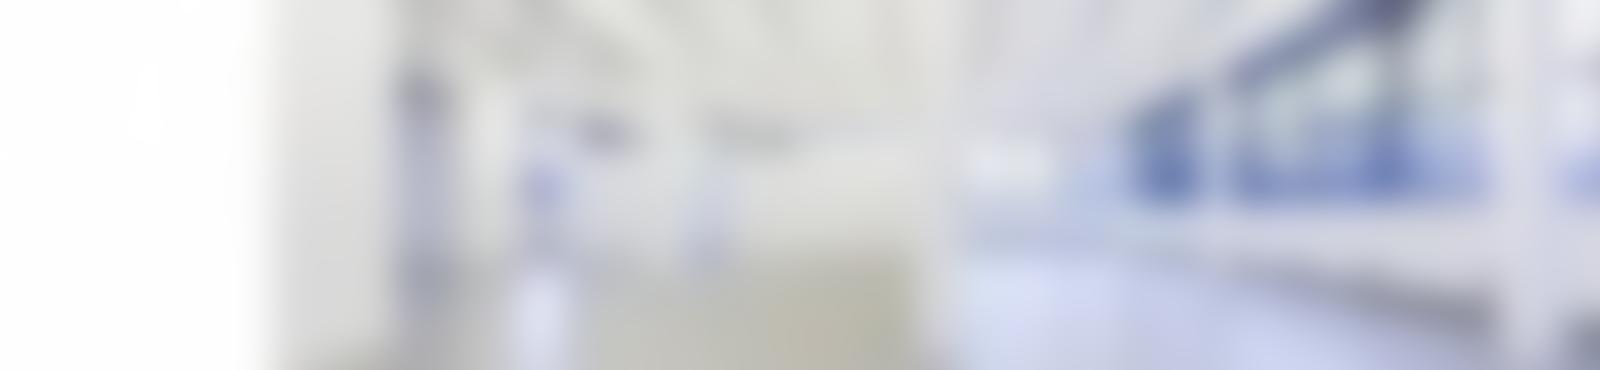 Blurred cc15eafb 9846 419b a07a 3216985fb1ef